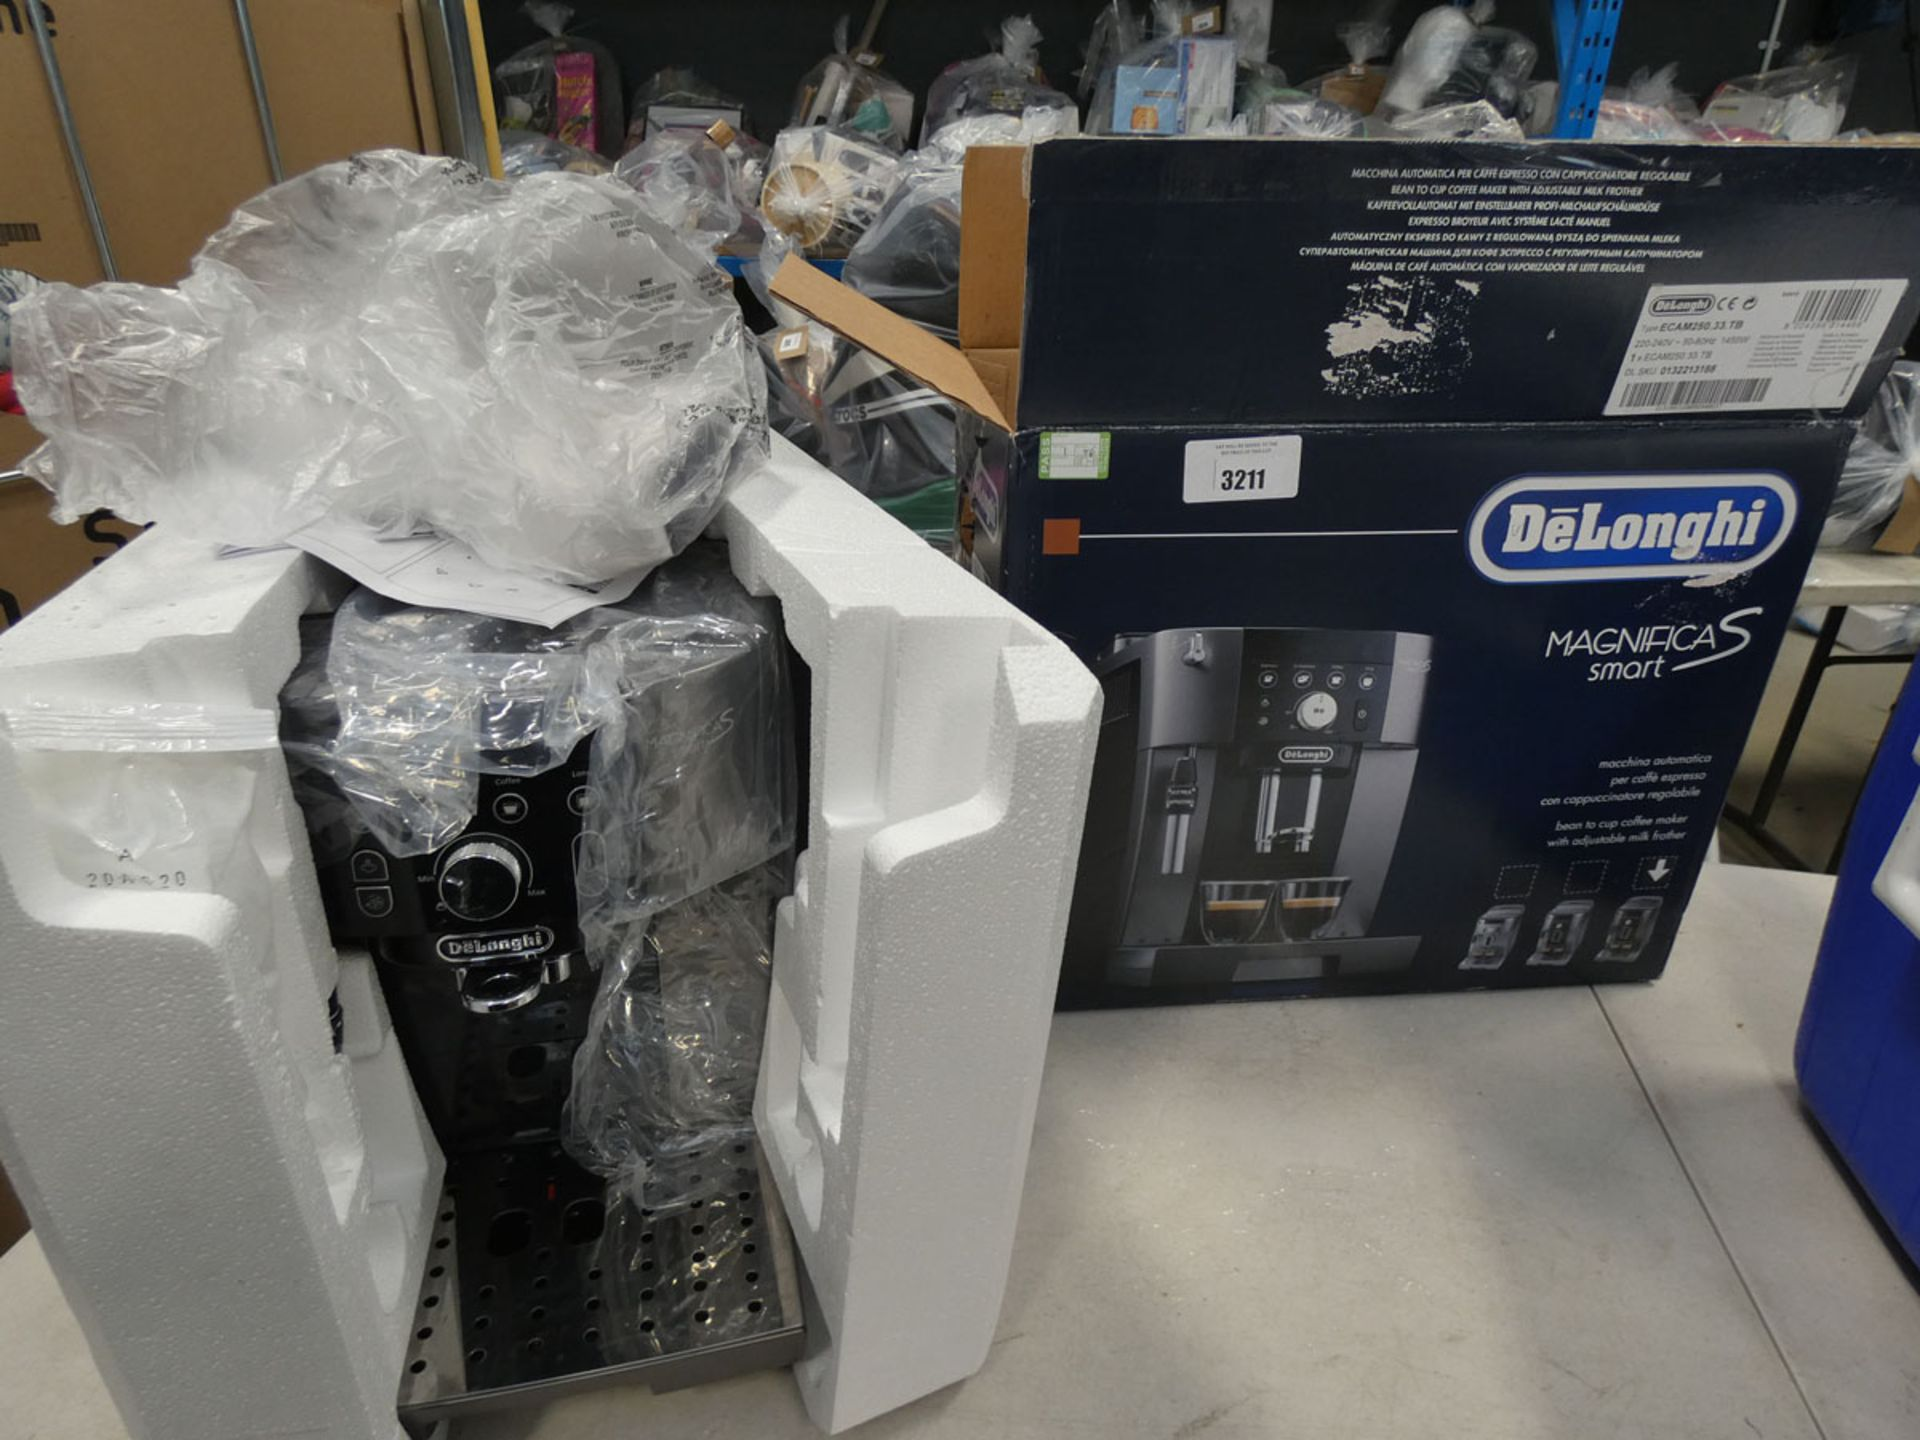 (TN56) Boxed De'Longhi Magnifica smart coffee machine